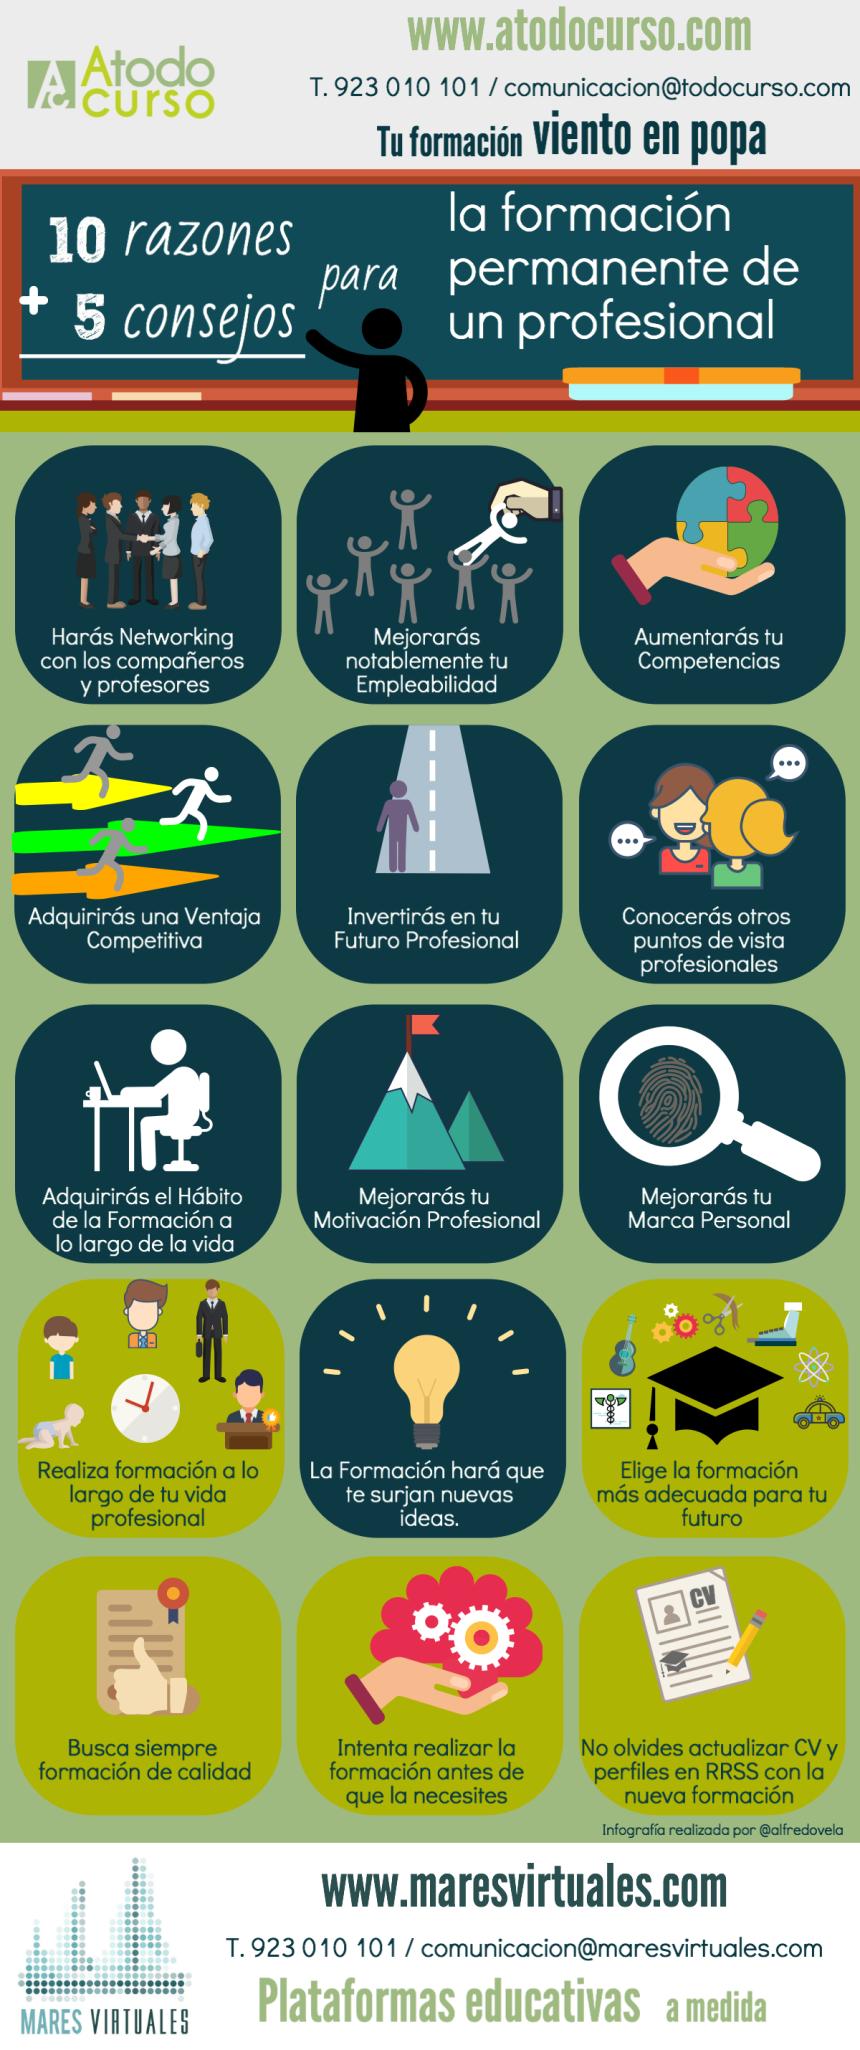 10 razones + 5 consejos para la Formación Permanente de un Profesional